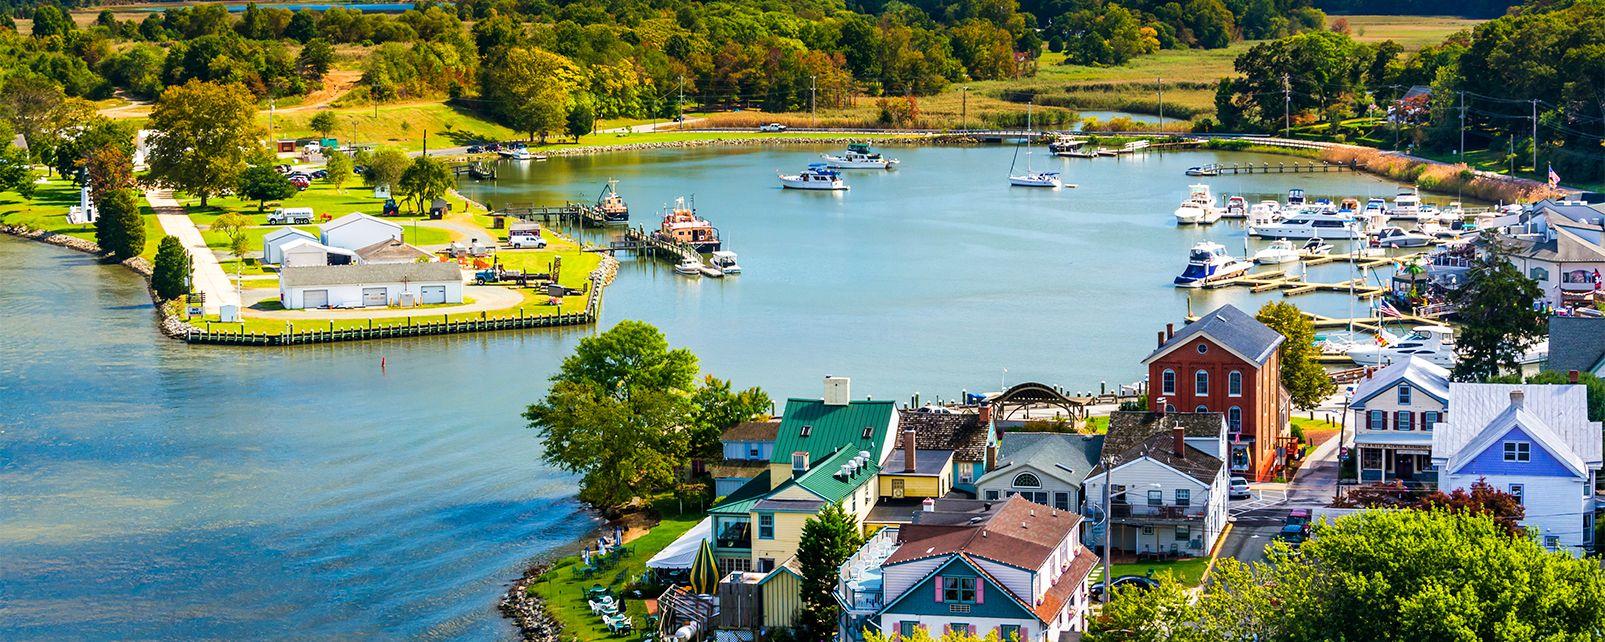 La baie de Chesapeake , Etats-Unis